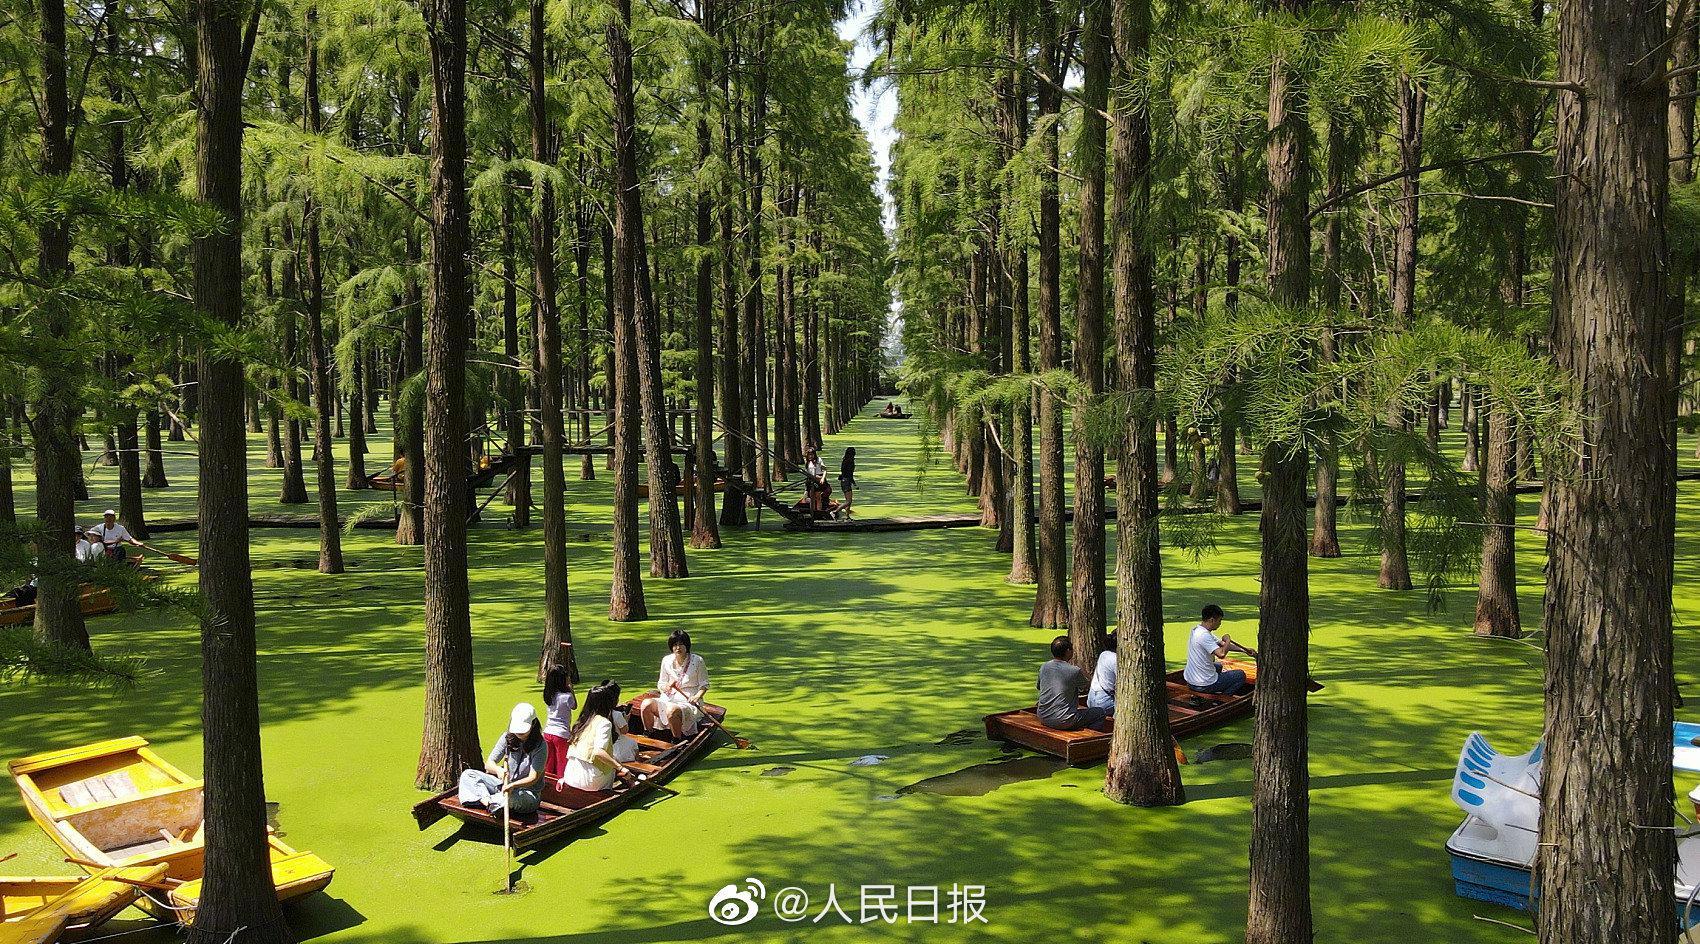 人在画中游!扬州渌洋湖水上森林